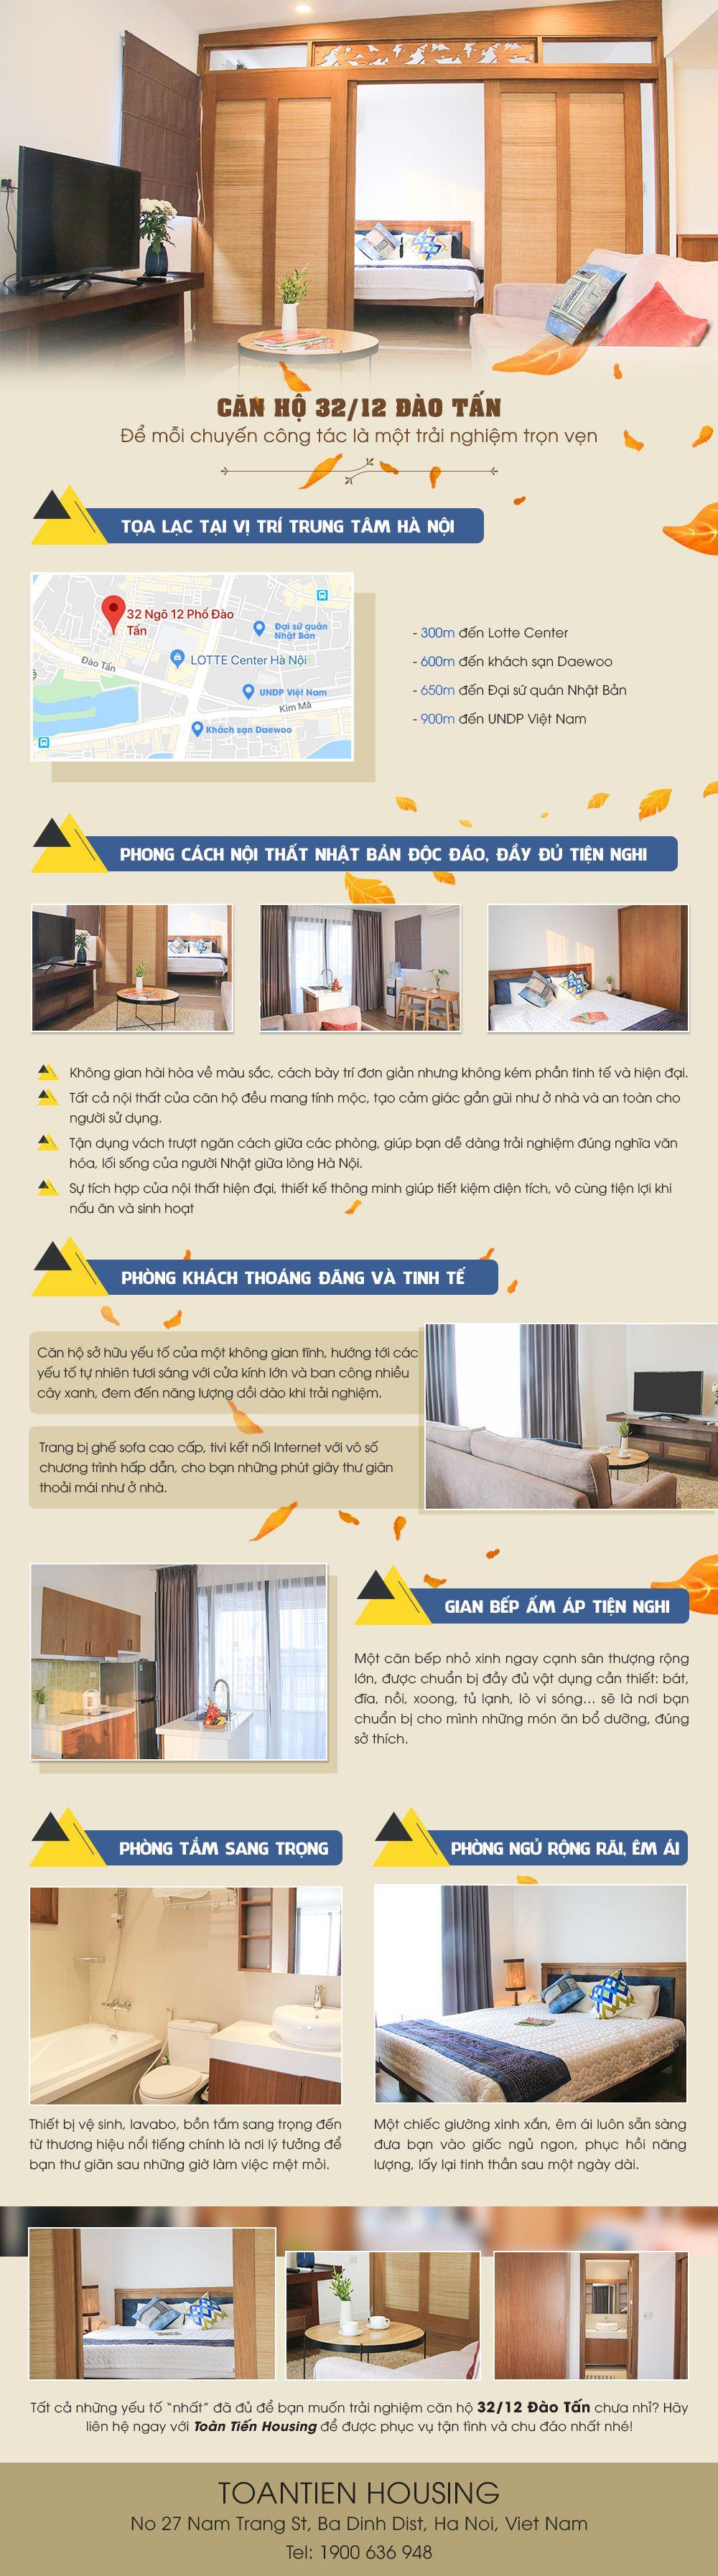 Căn hộ phong cách Nhật của Toàn Tiến Housing: Cho chuyến công tác điểm 10